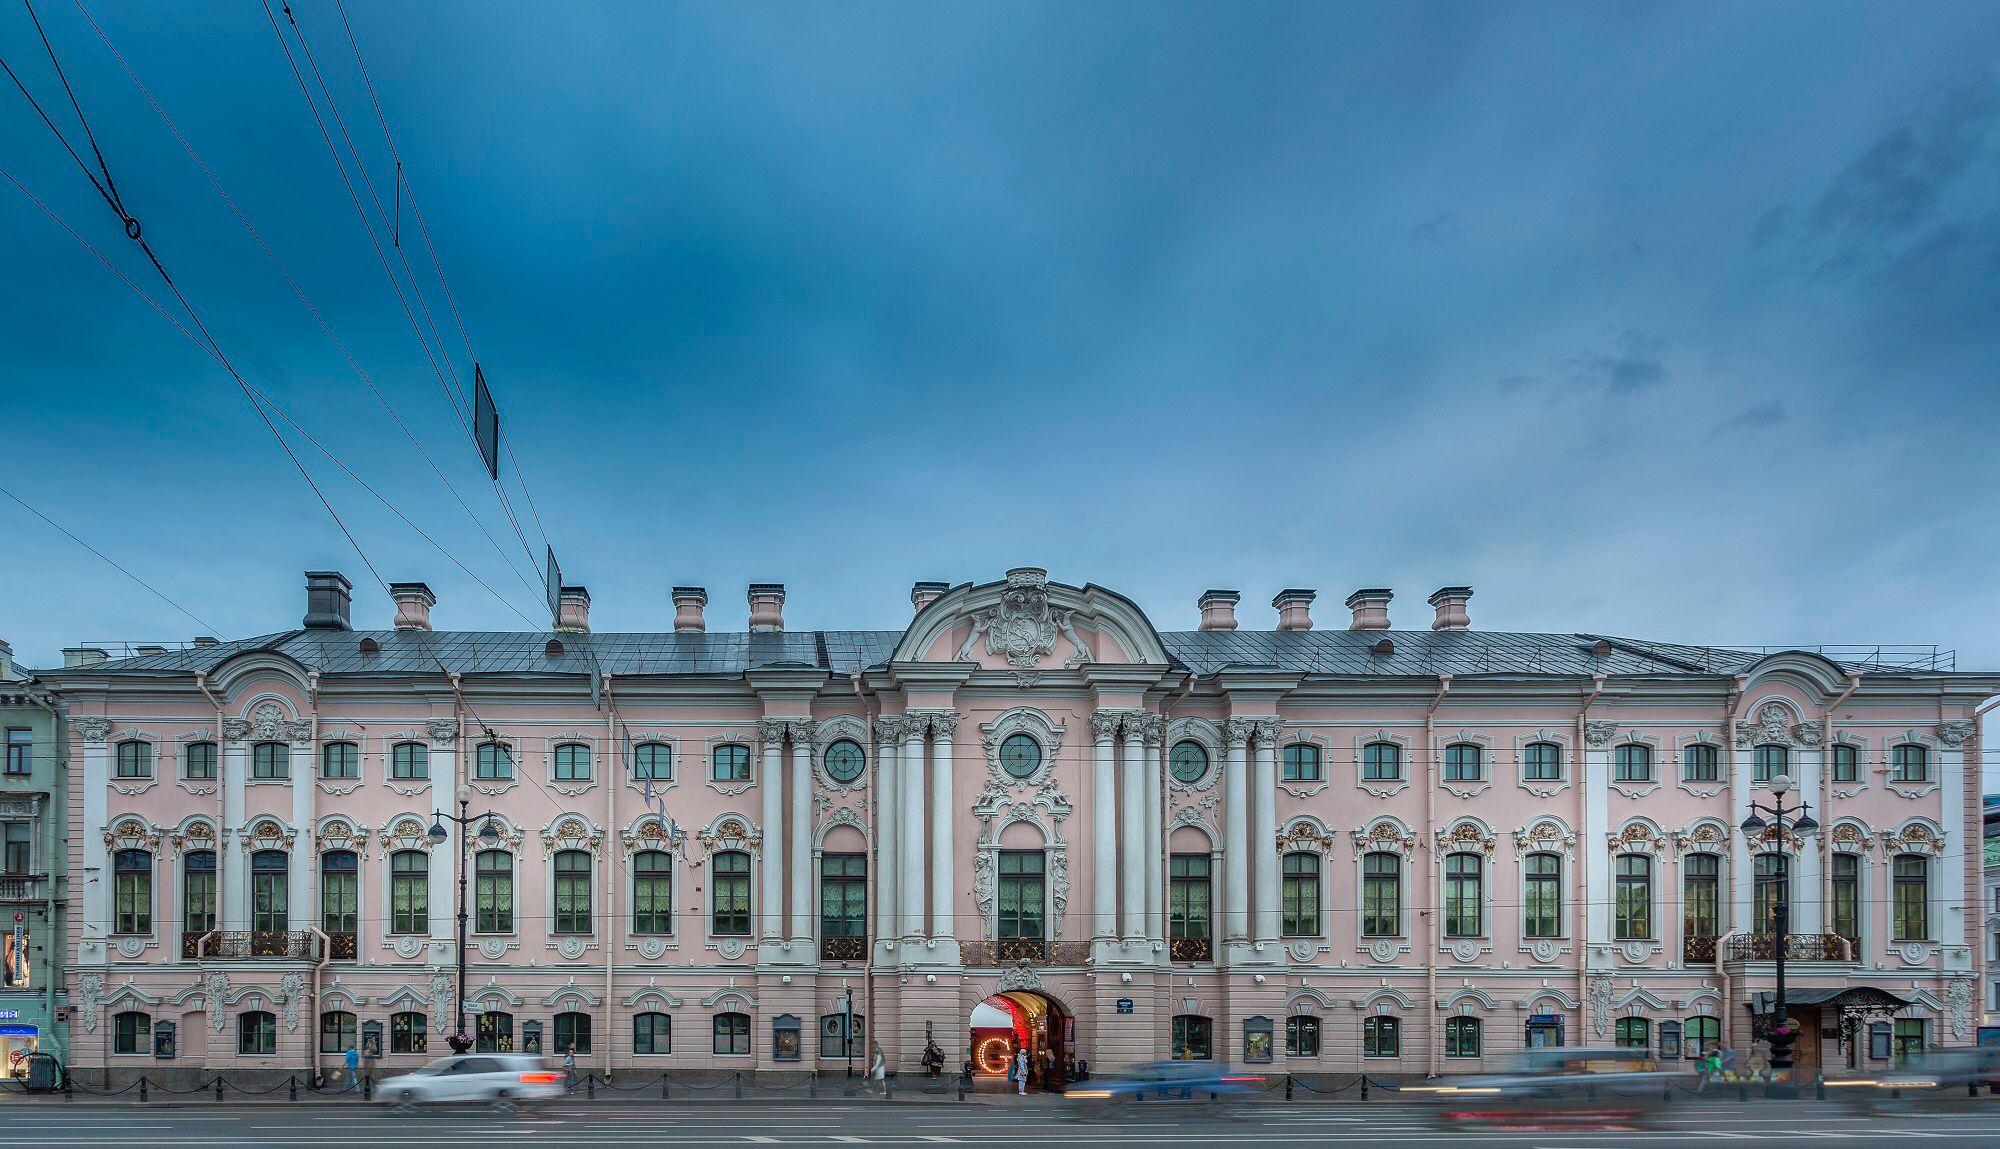 Строгановский дворец в Санкт-Петербурге архитектура